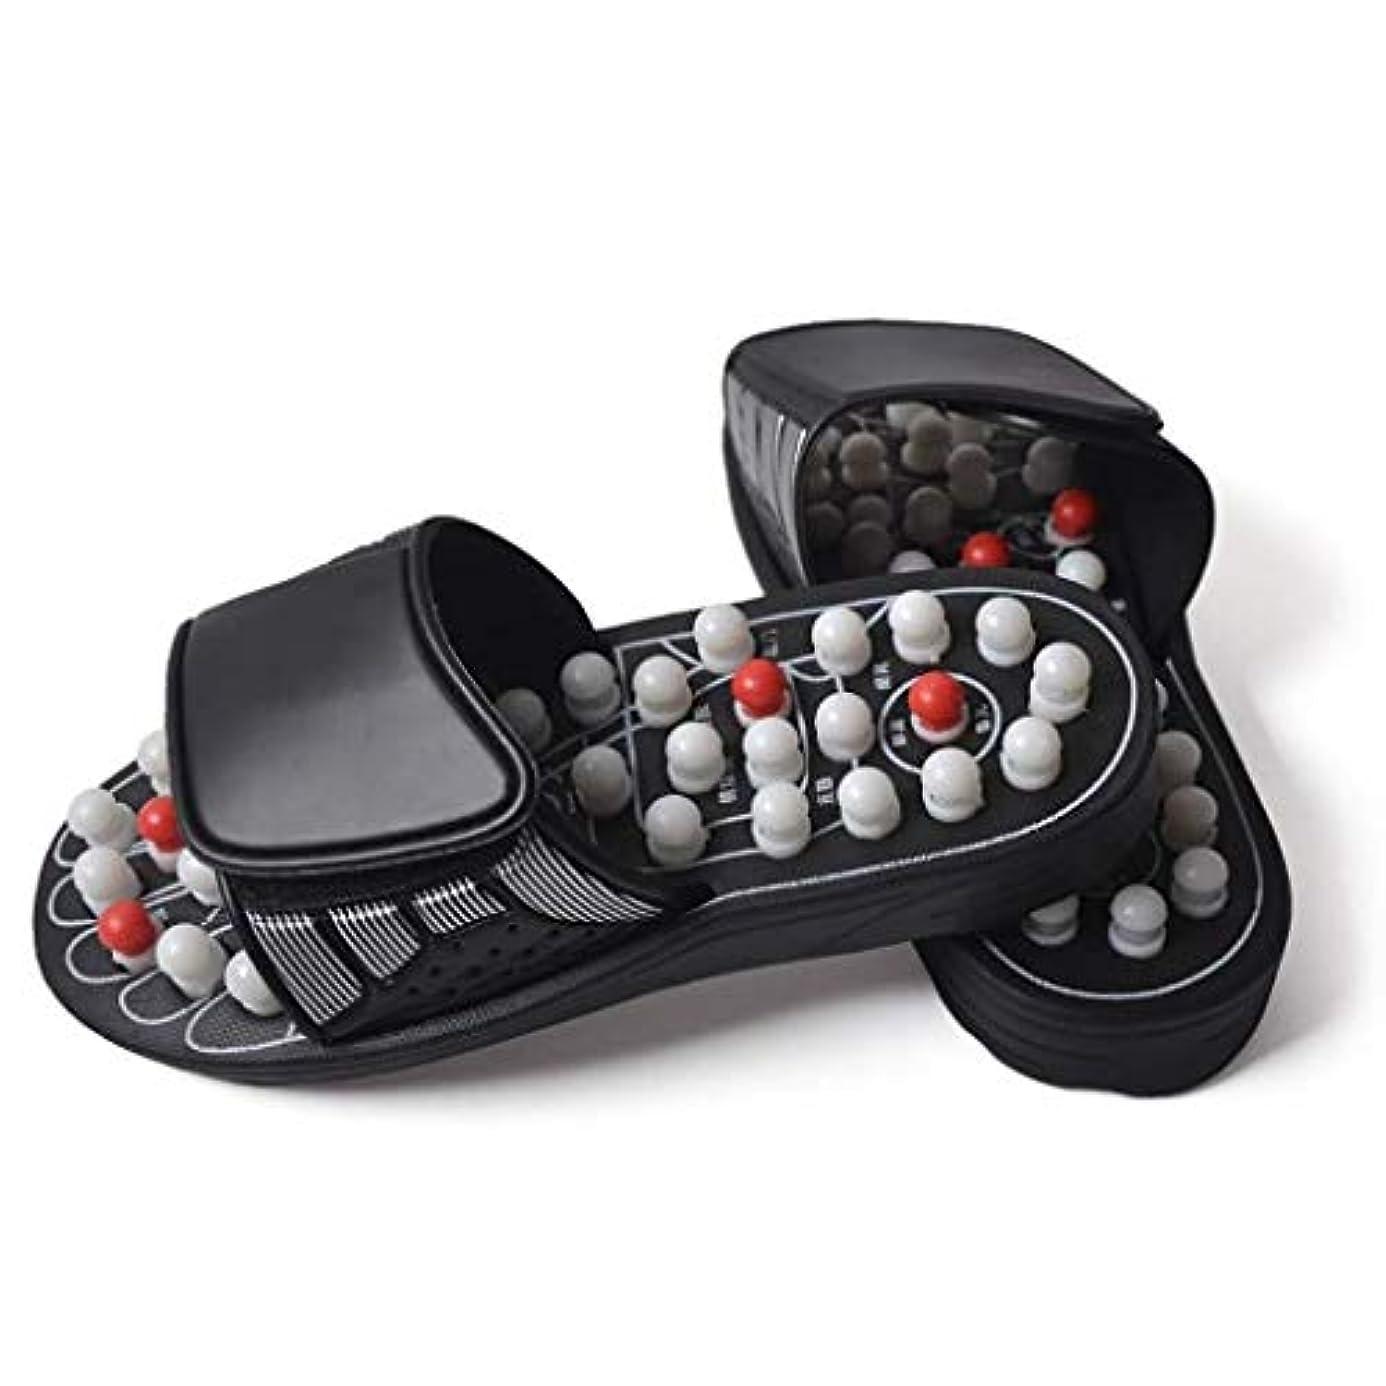 モディッシュ心理的ラベフットマッサージの靴、フットマッサージ、鍼灸磁気マッサージスリッパ、サンダル春、ユニセックス (Color : 白, Size : 40)